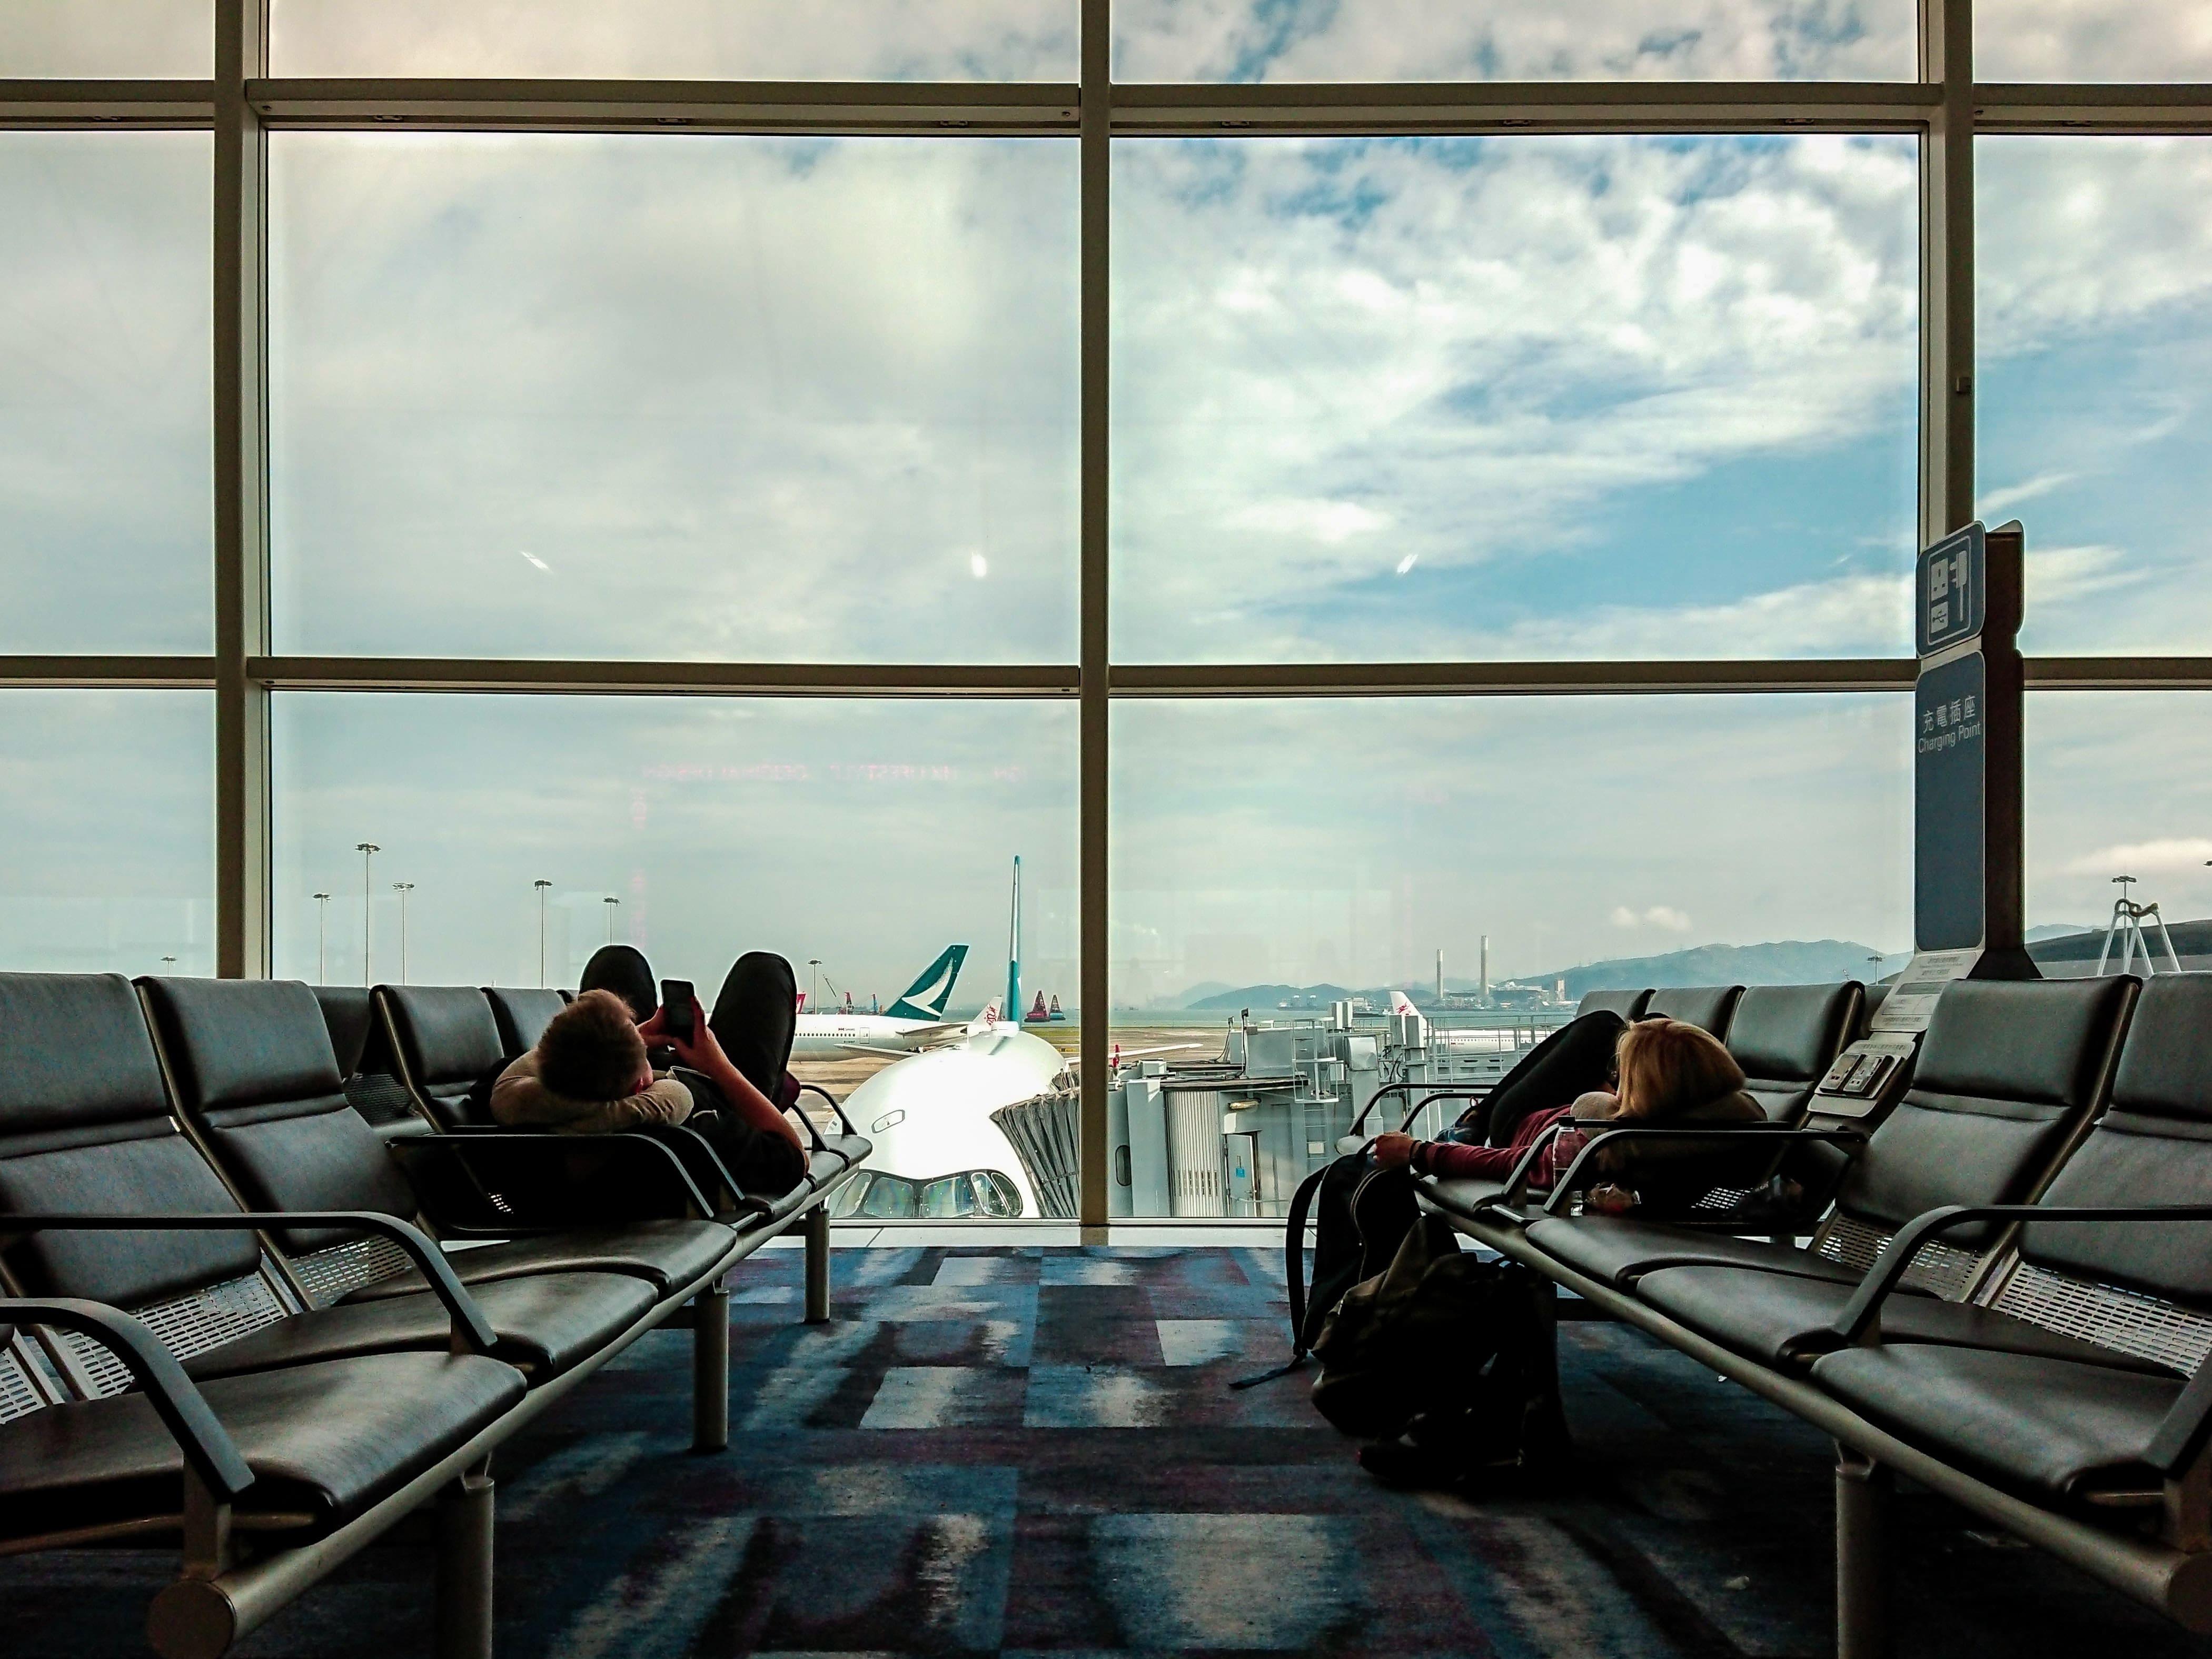 Lobby at Airport